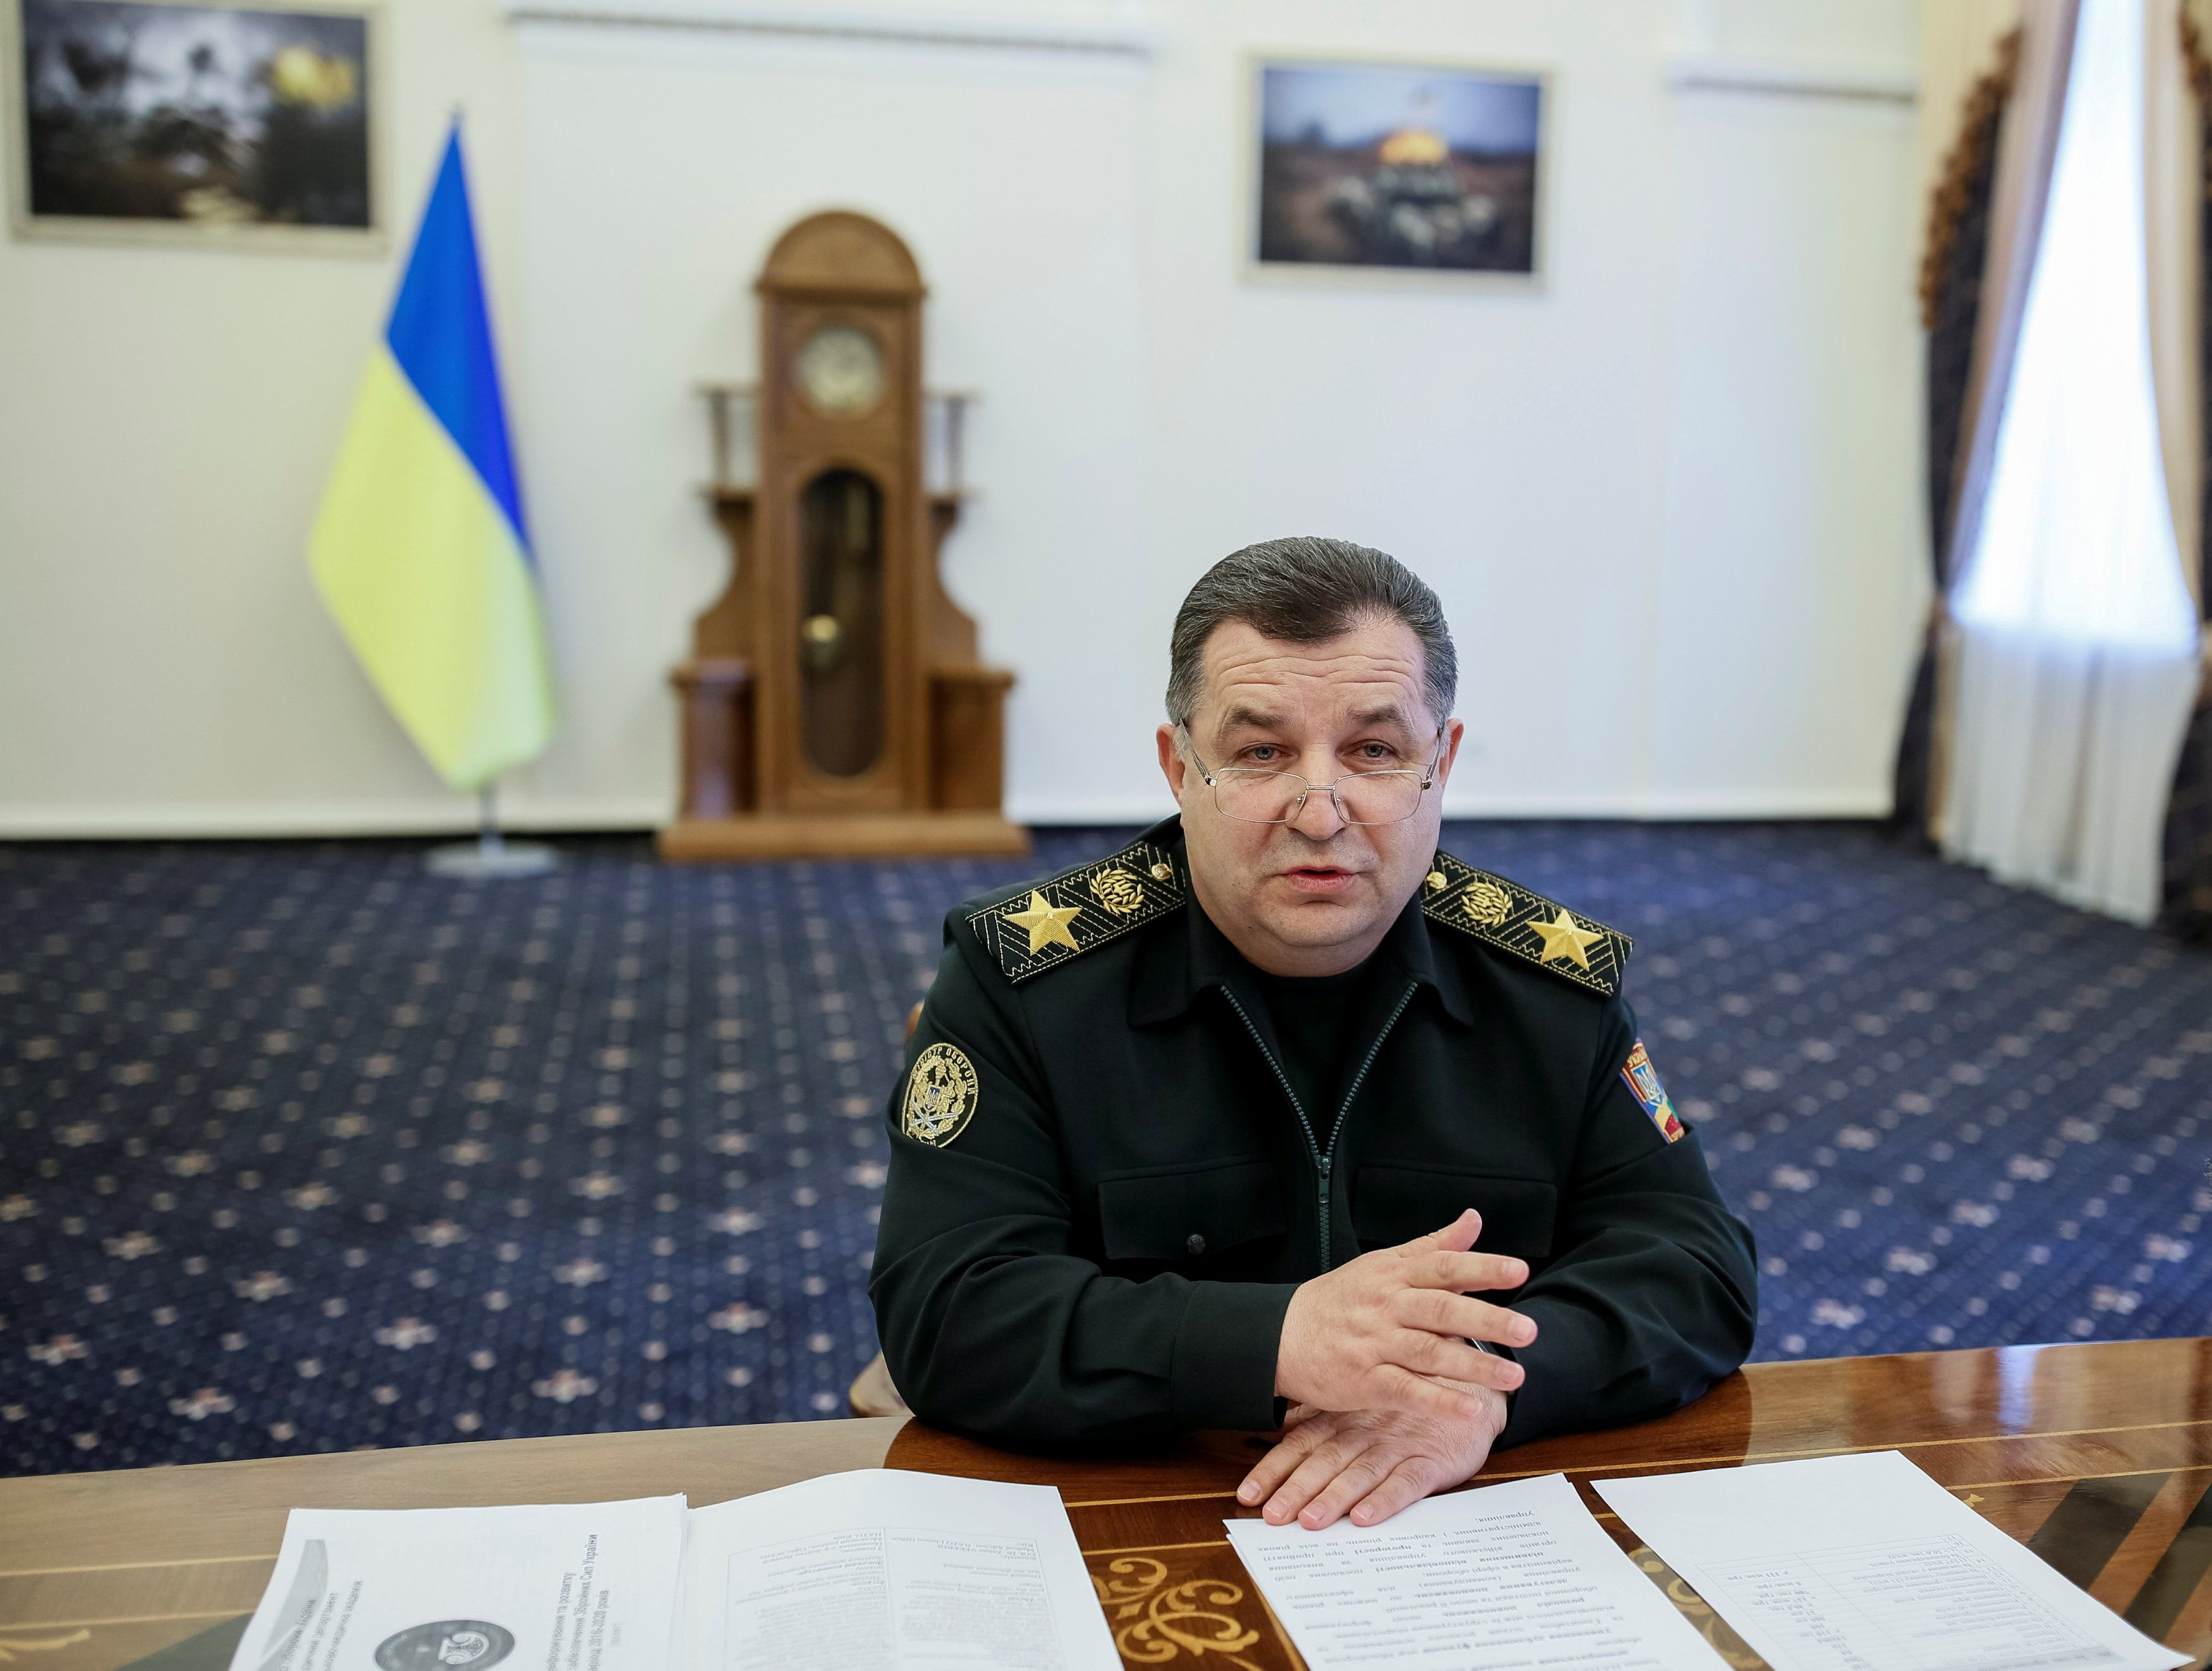 Если киевская власть получит оружие, то война на Украине продлится на неопределённый срок